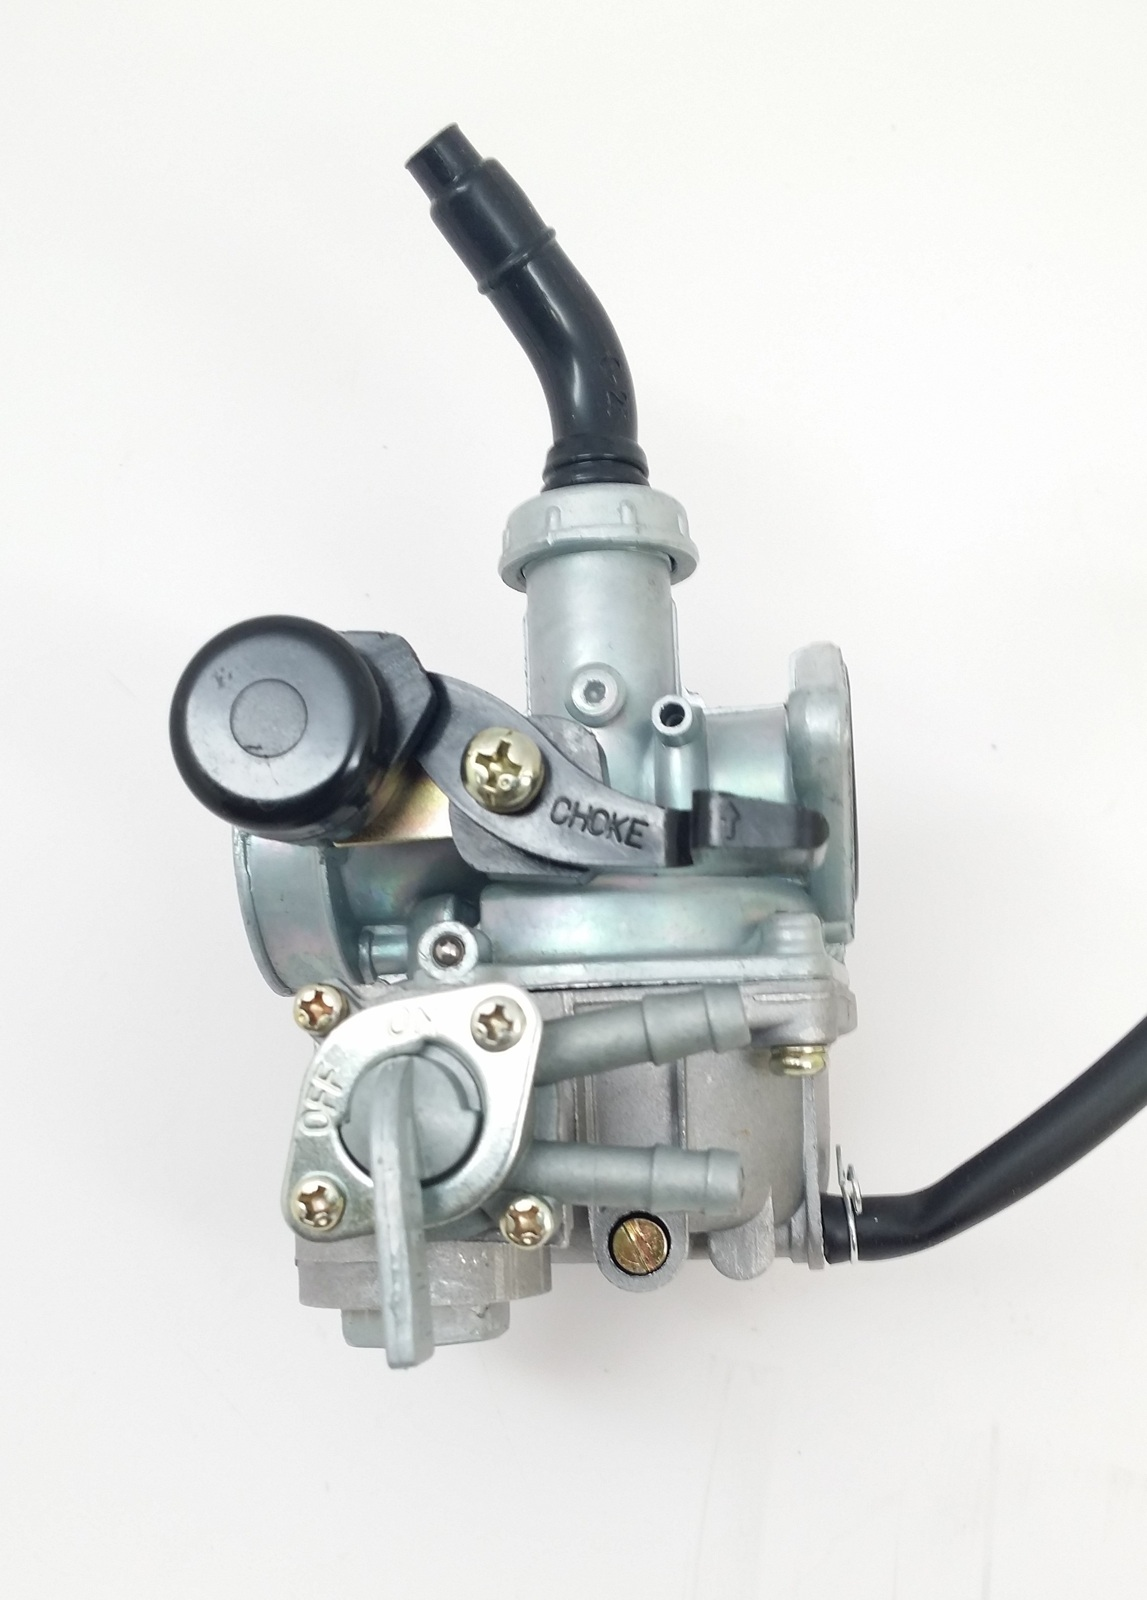 carburetor honda ct70 st70 ct90 st90 trail bike carb 33 91. Black Bedroom Furniture Sets. Home Design Ideas